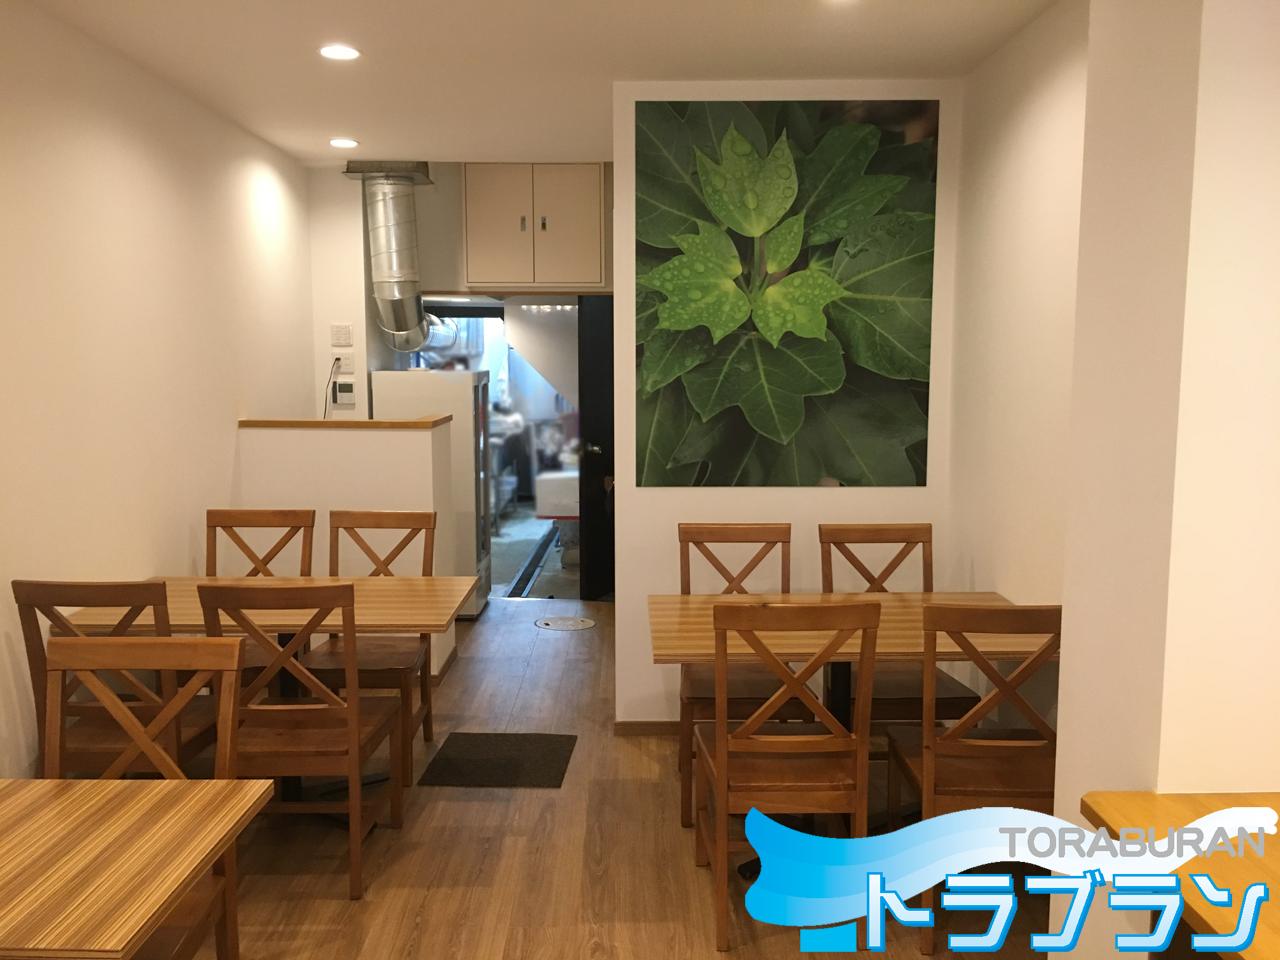 飲食店 改装 リフォーム 店舗 神戸 工事 施工会社